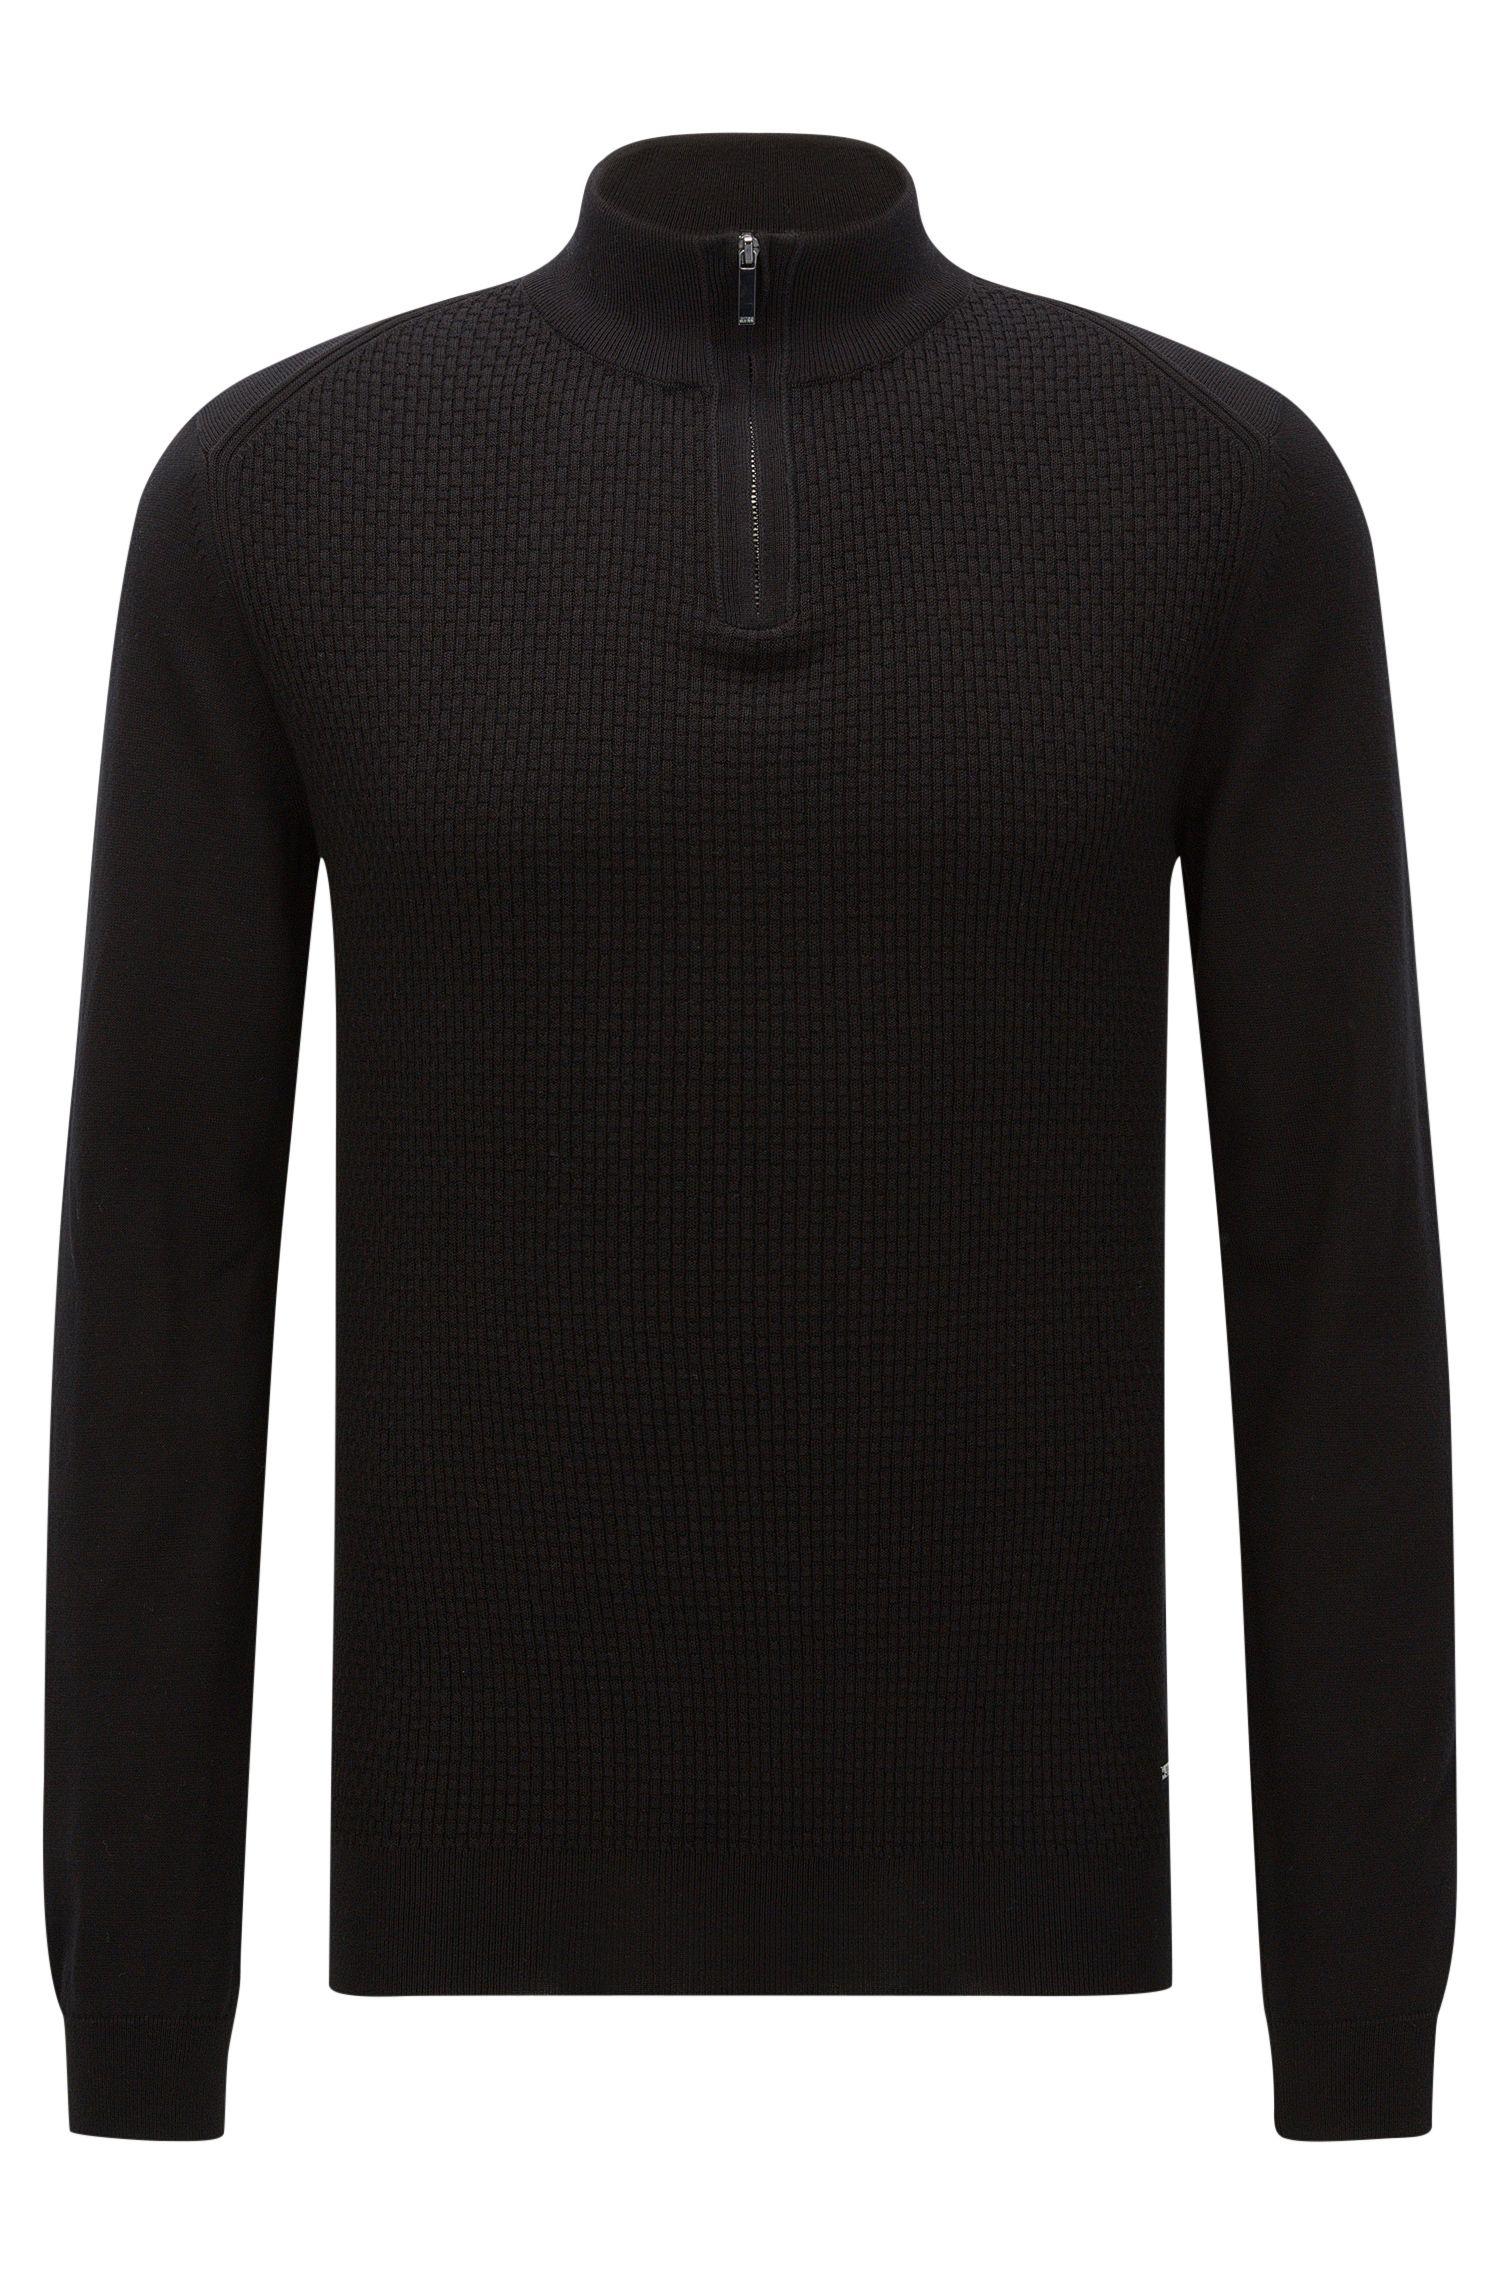 Regular-Fit Pullover aus Baumwolle mit Troyer-Kragen: 'Odino'